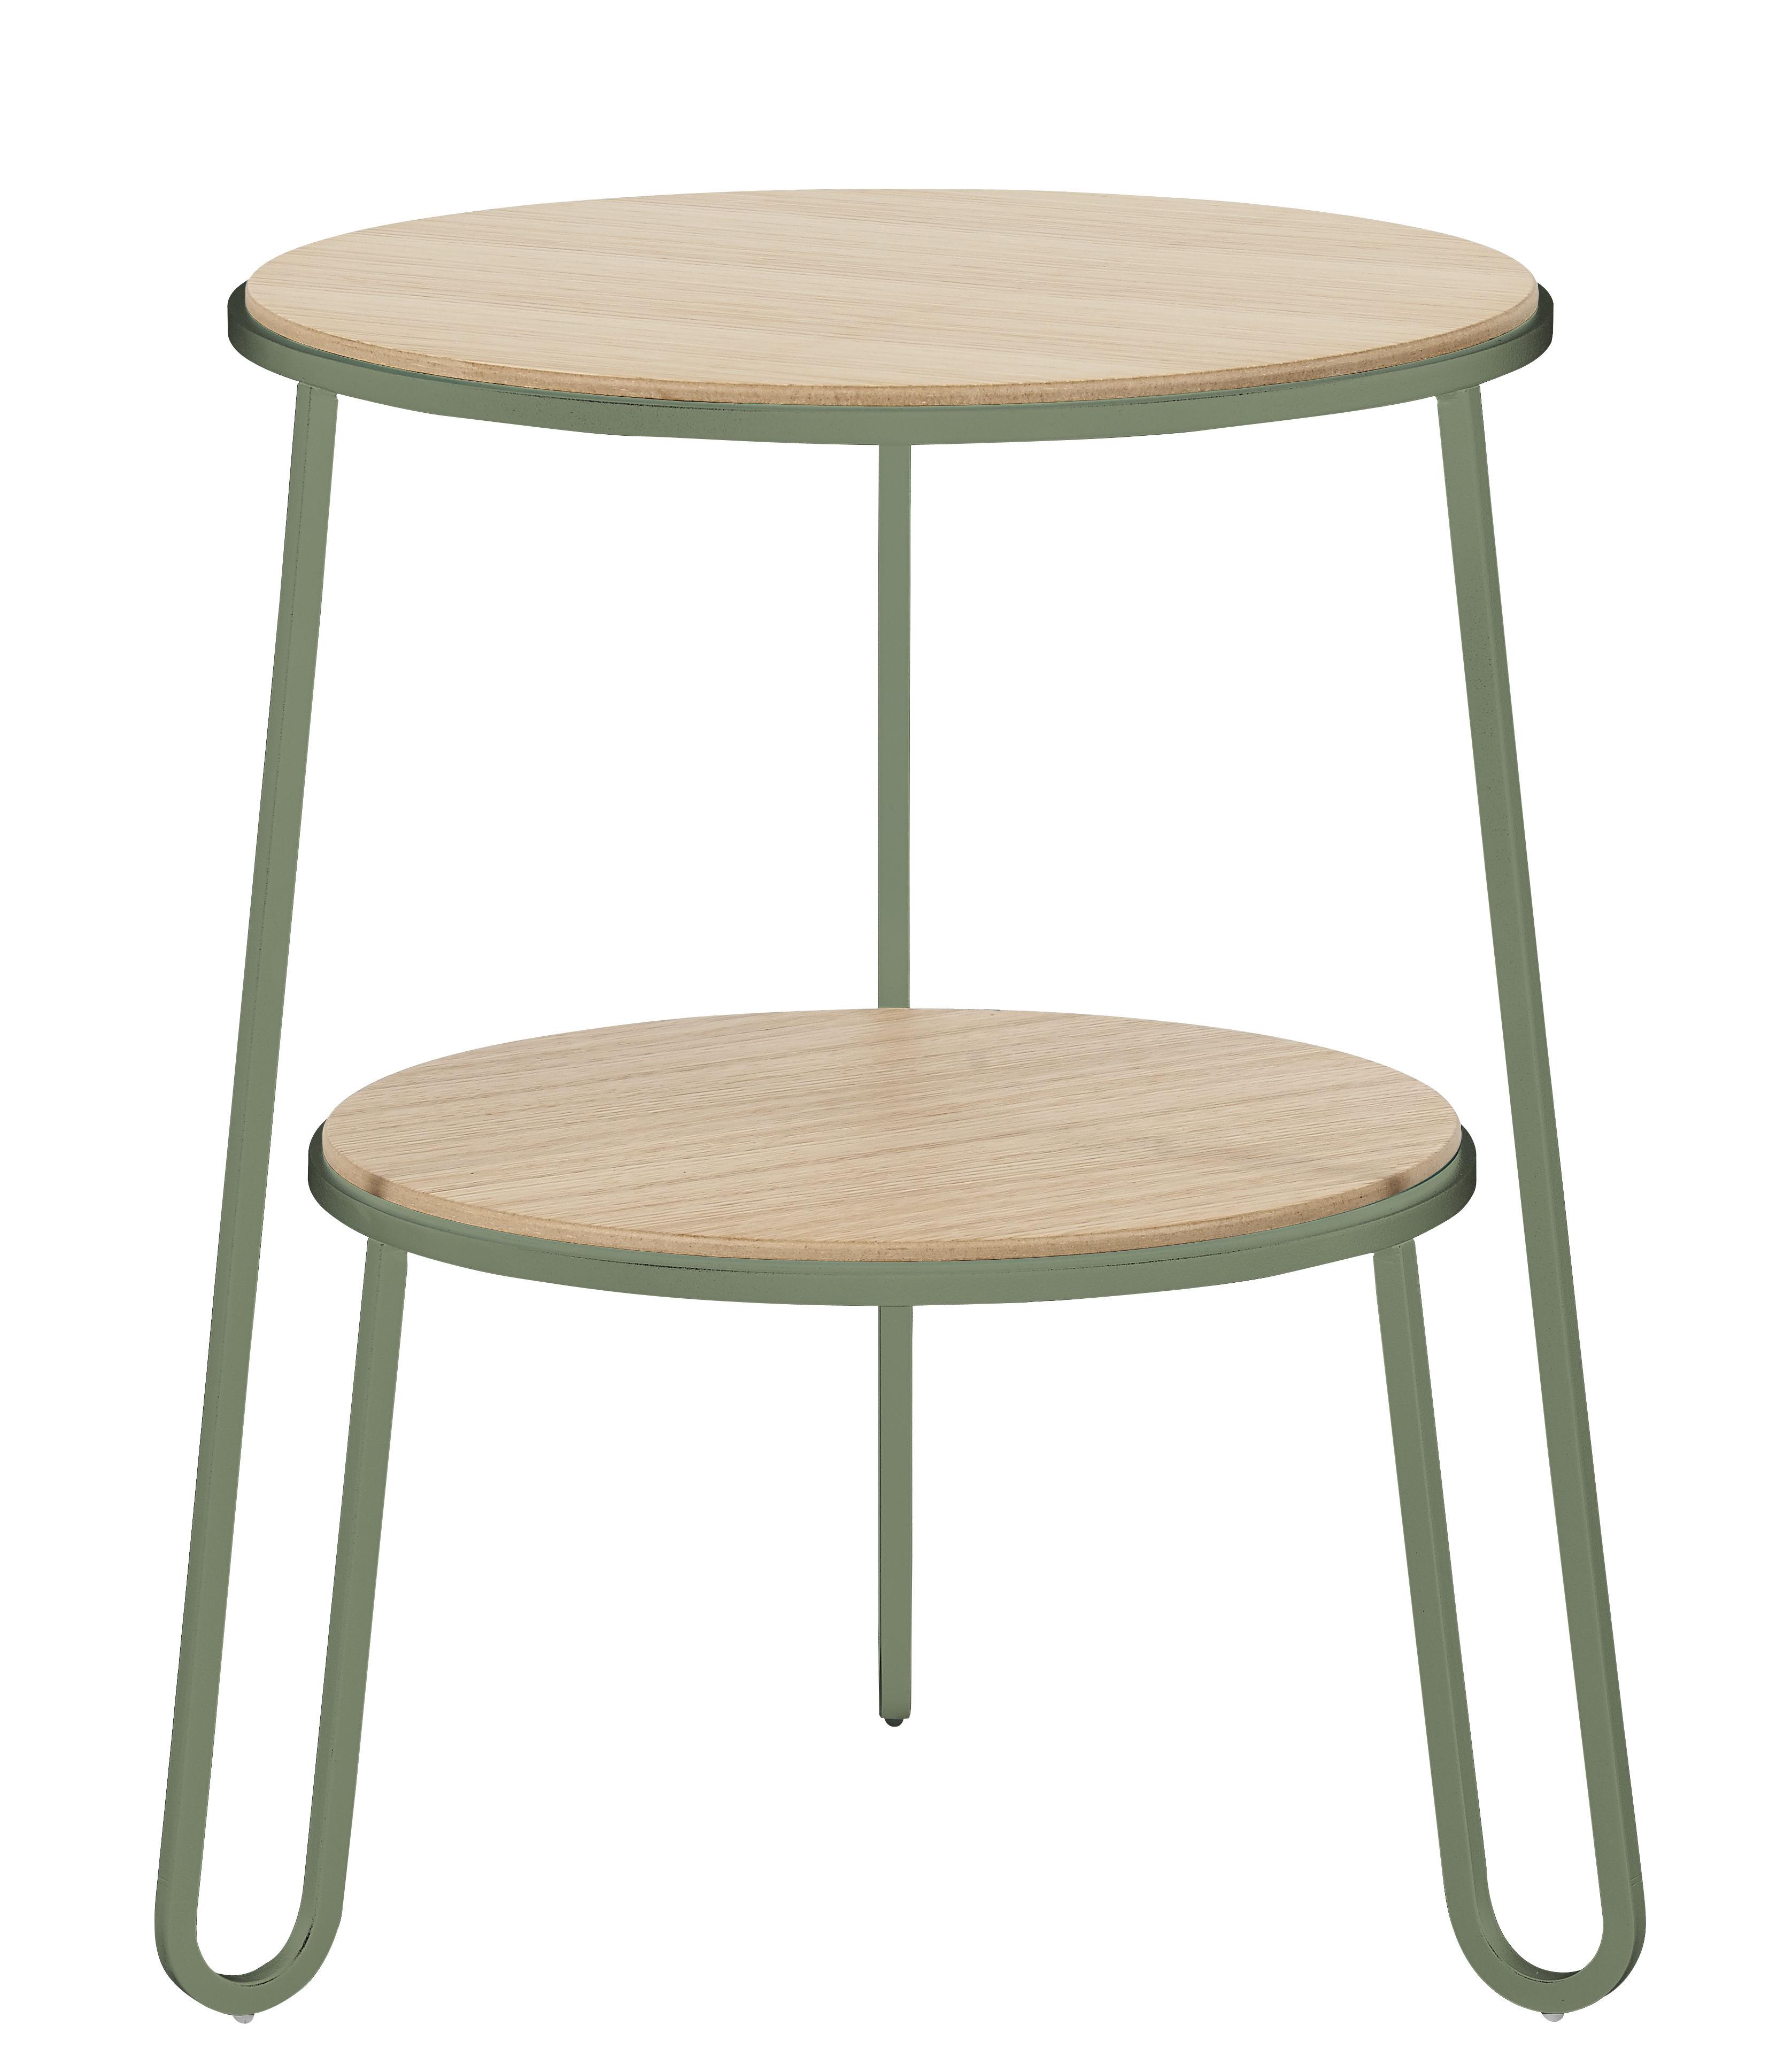 Mobilier - Tables basses - Guéridon Anatole / Ø 40 x H 50 cm - Hartô - Vert de gris - Acier, MDF